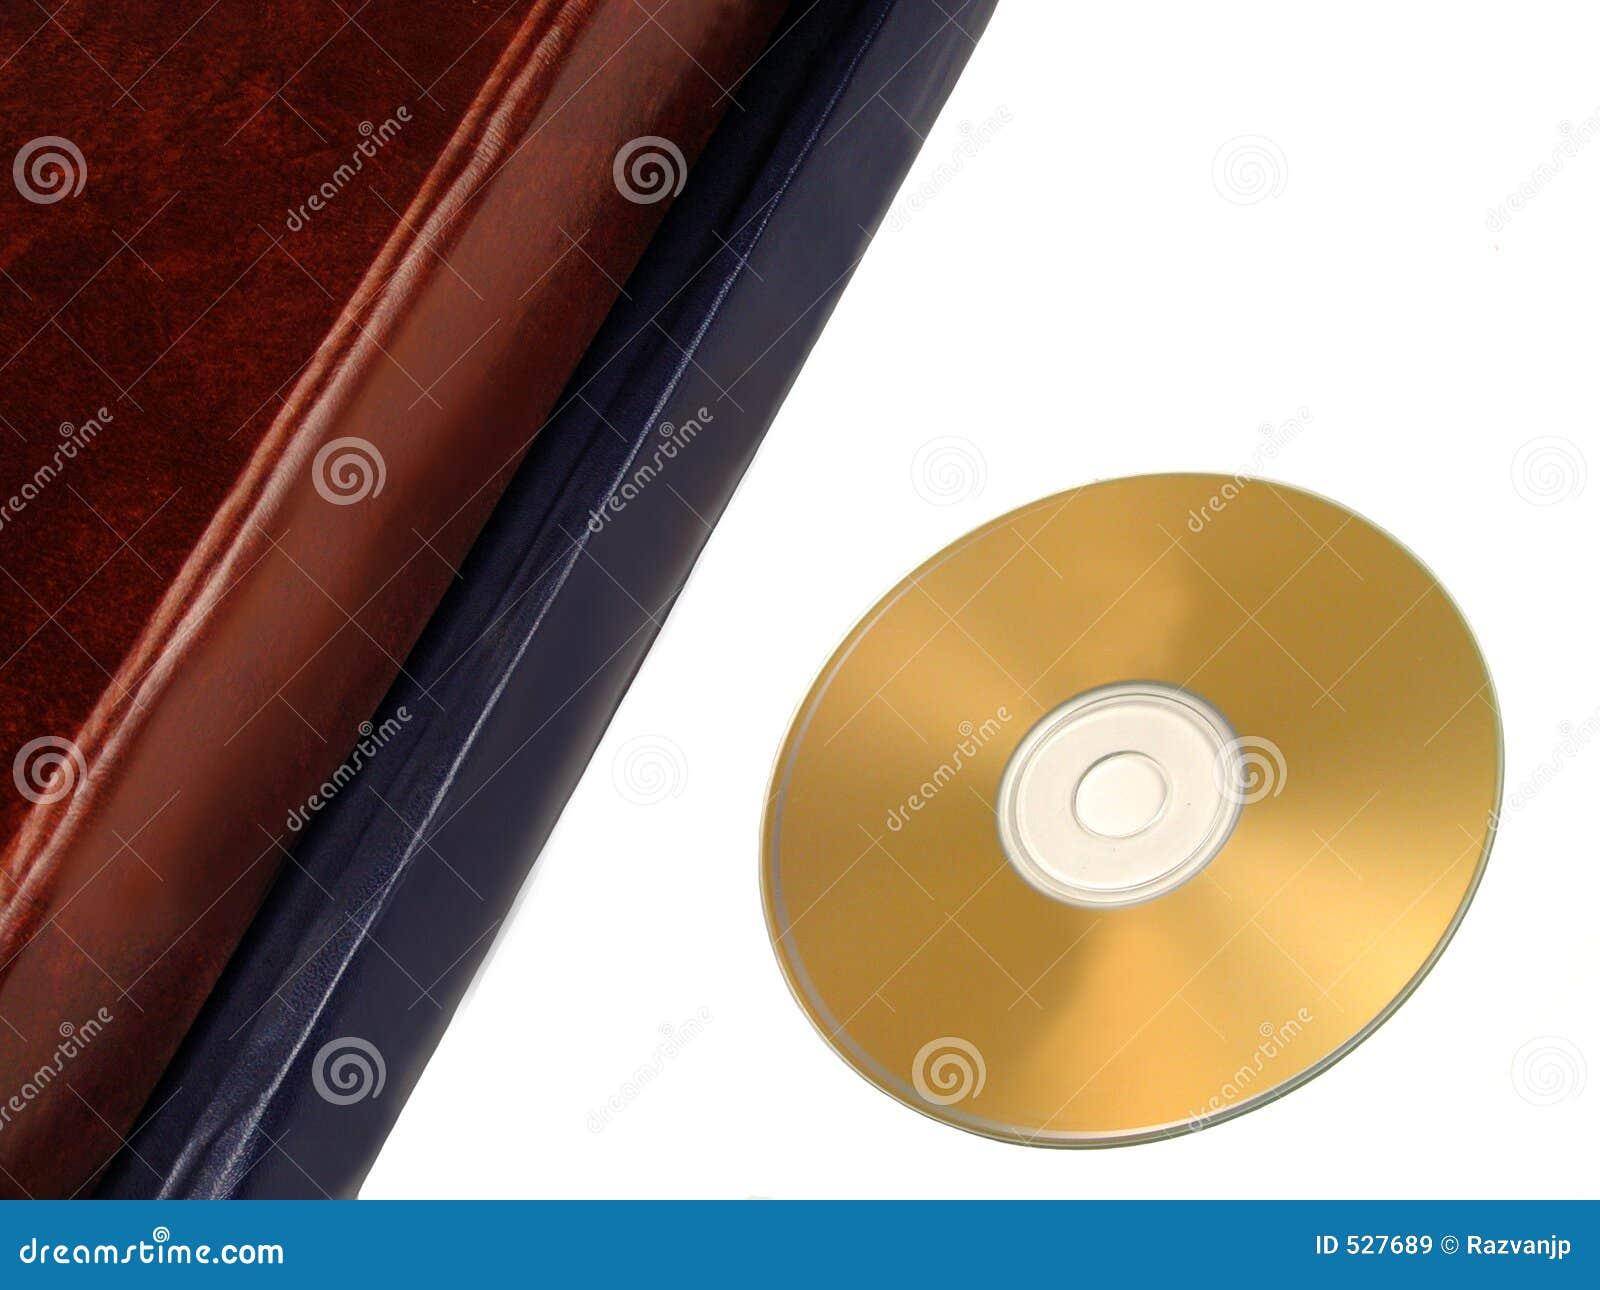 Download 概念数据存储 库存图片. 图片 包括有 可再写, 媒体, 重写, 阅读程序, 程序, 书店, 协定, 钉书匠 - 527689